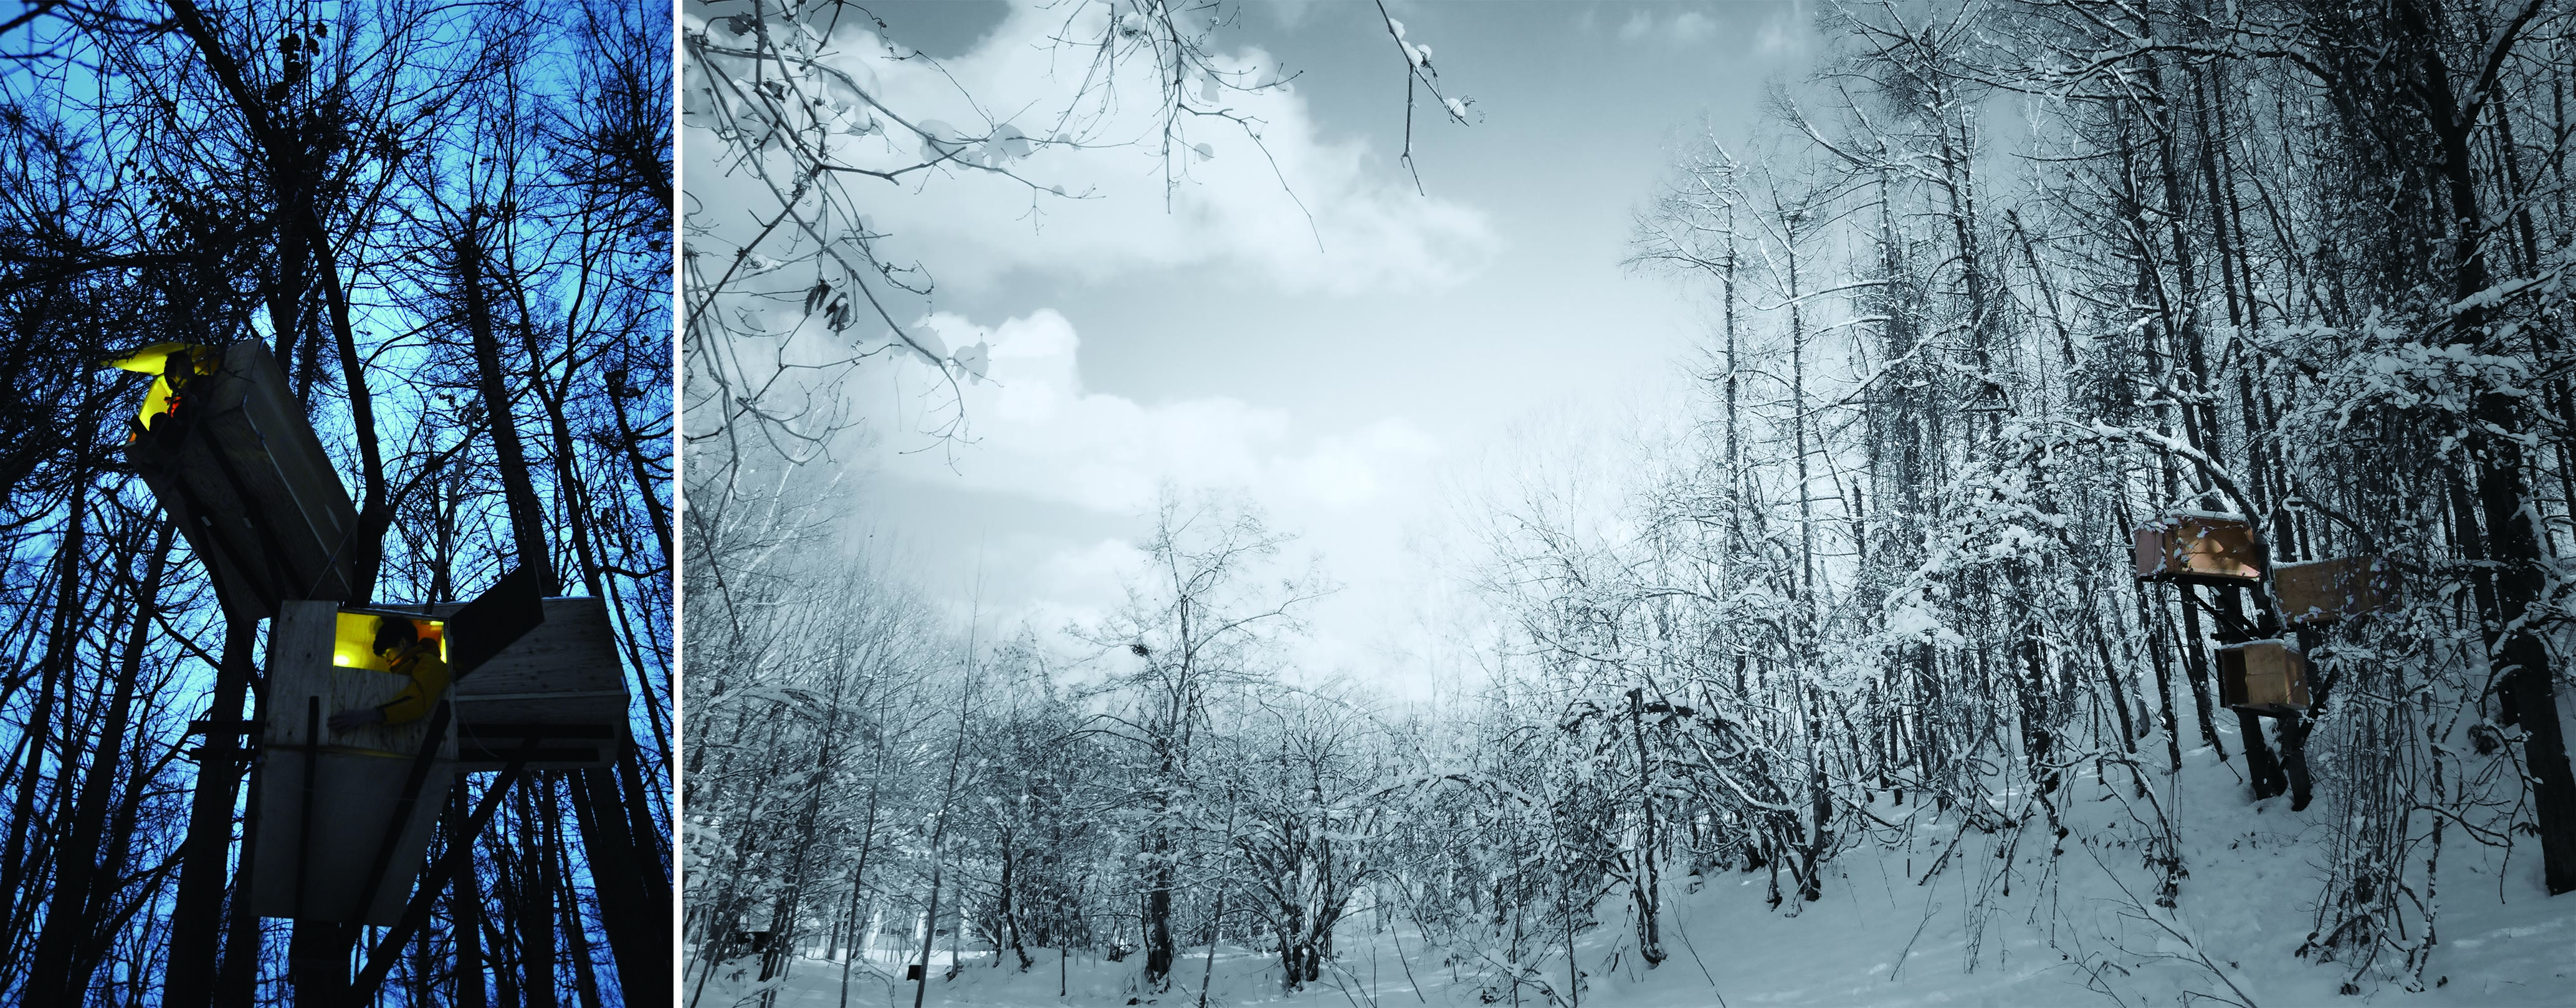 写真8:神守優二「Thinning Drive/間伐を待つ樹木と空間デザイン」